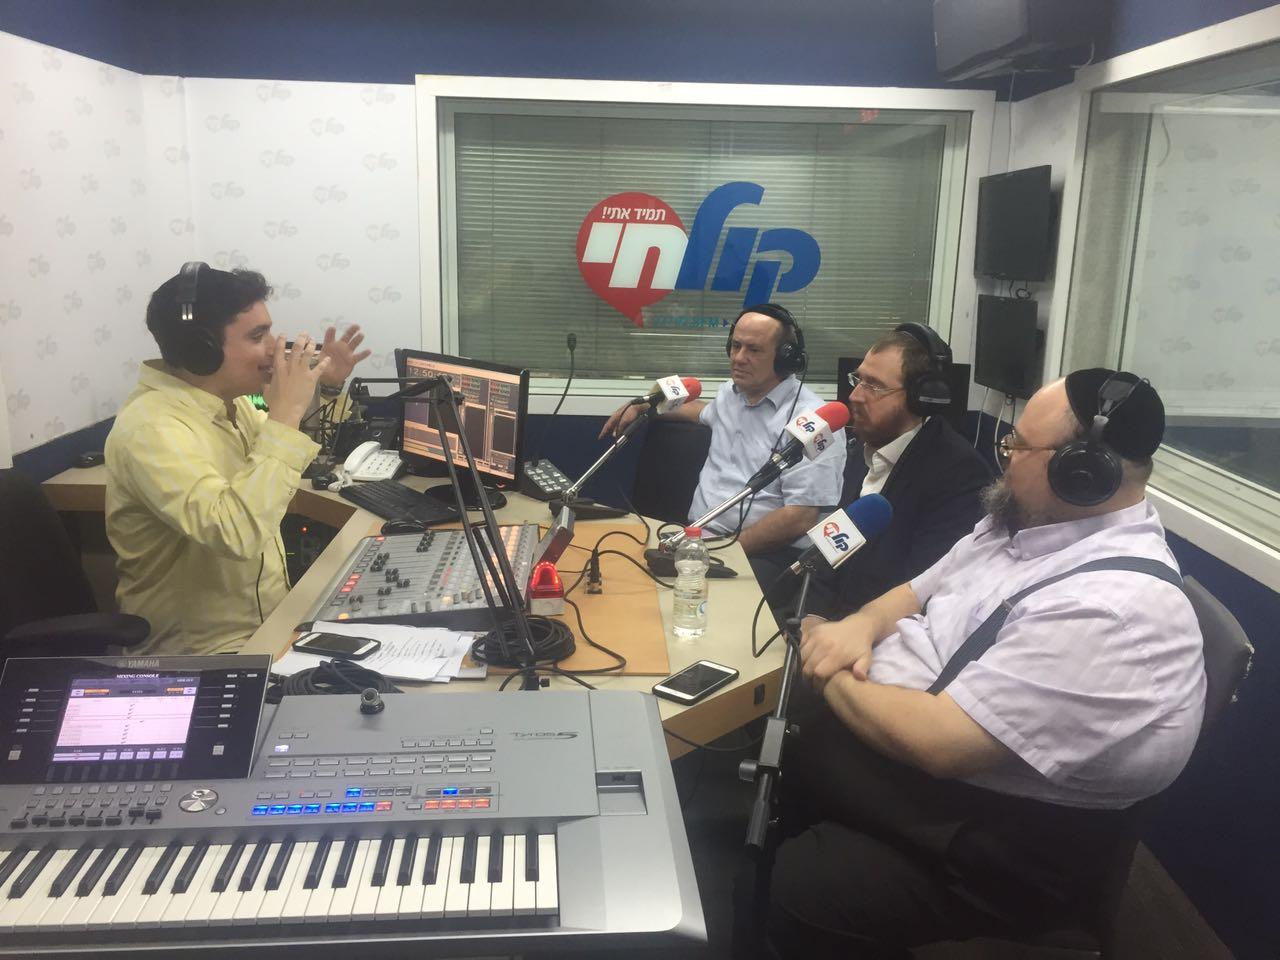 יואלי דיקמן, רובי בנט, יהושע פריד, משה לאופר